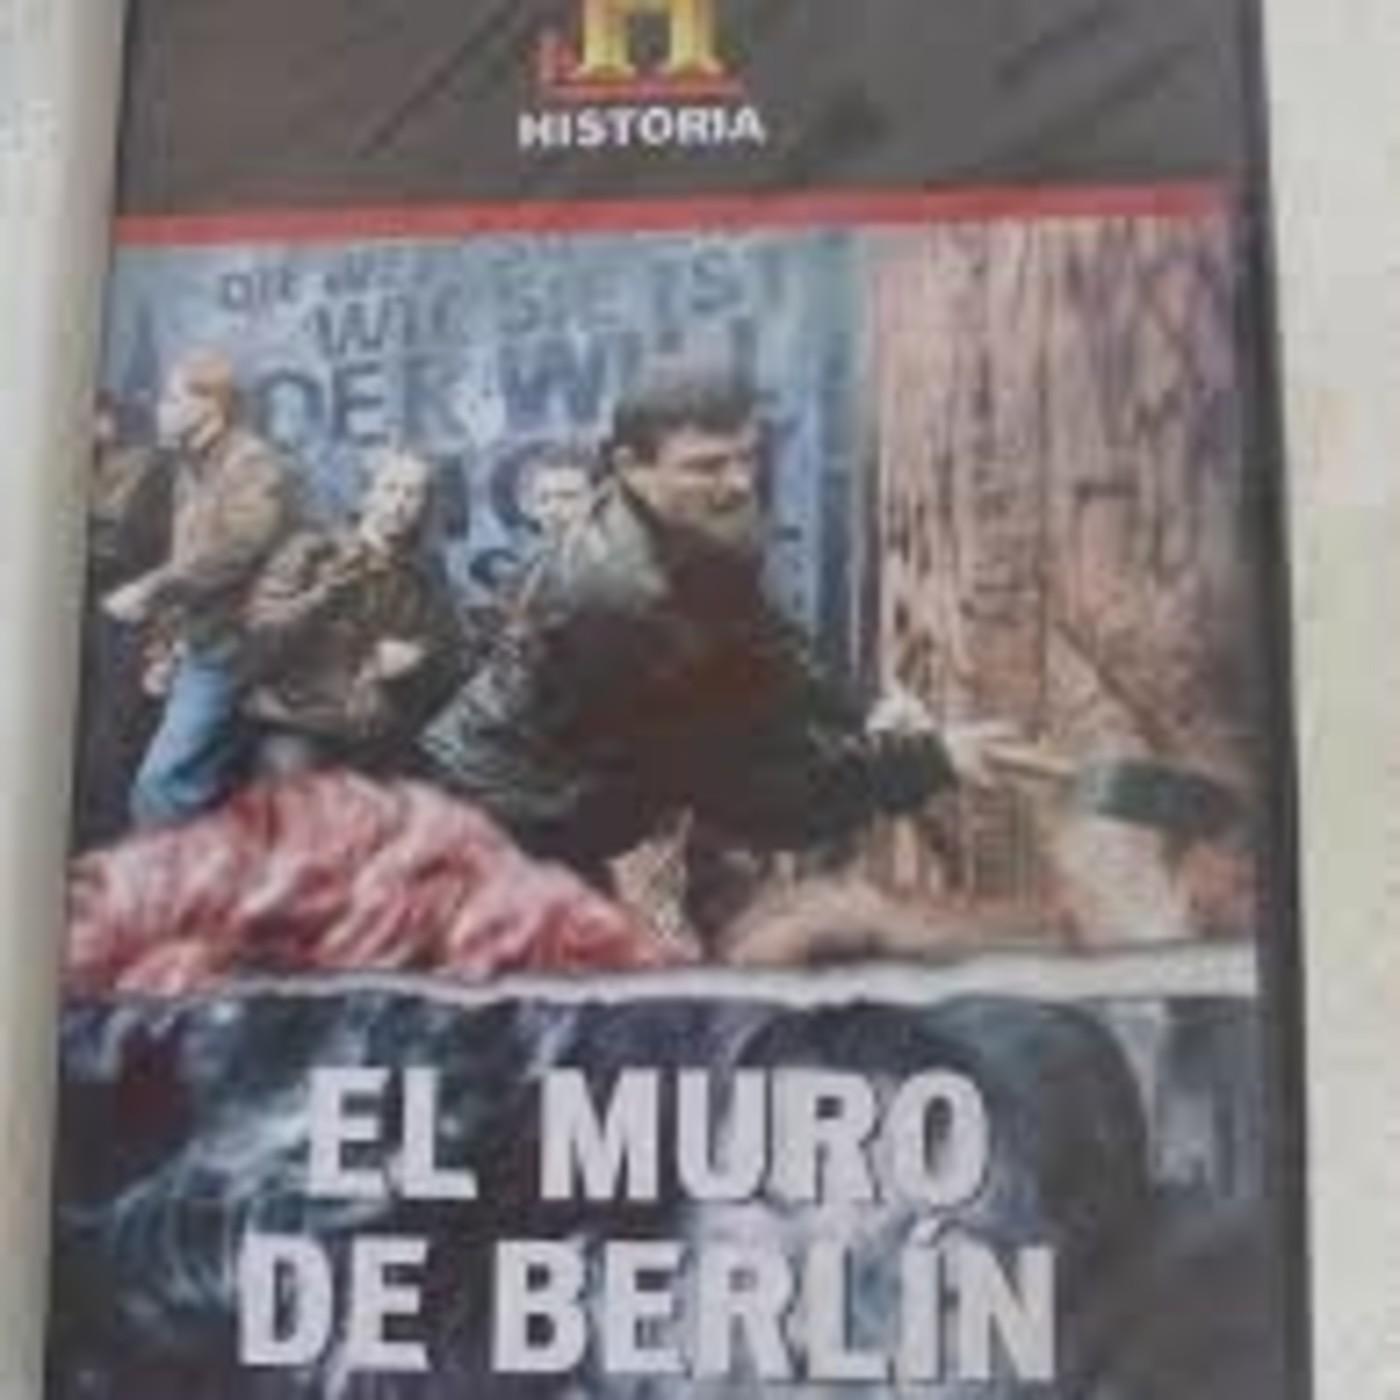 El Muro de Berlín in Documentales Sonoros in mp3(11/07 a las